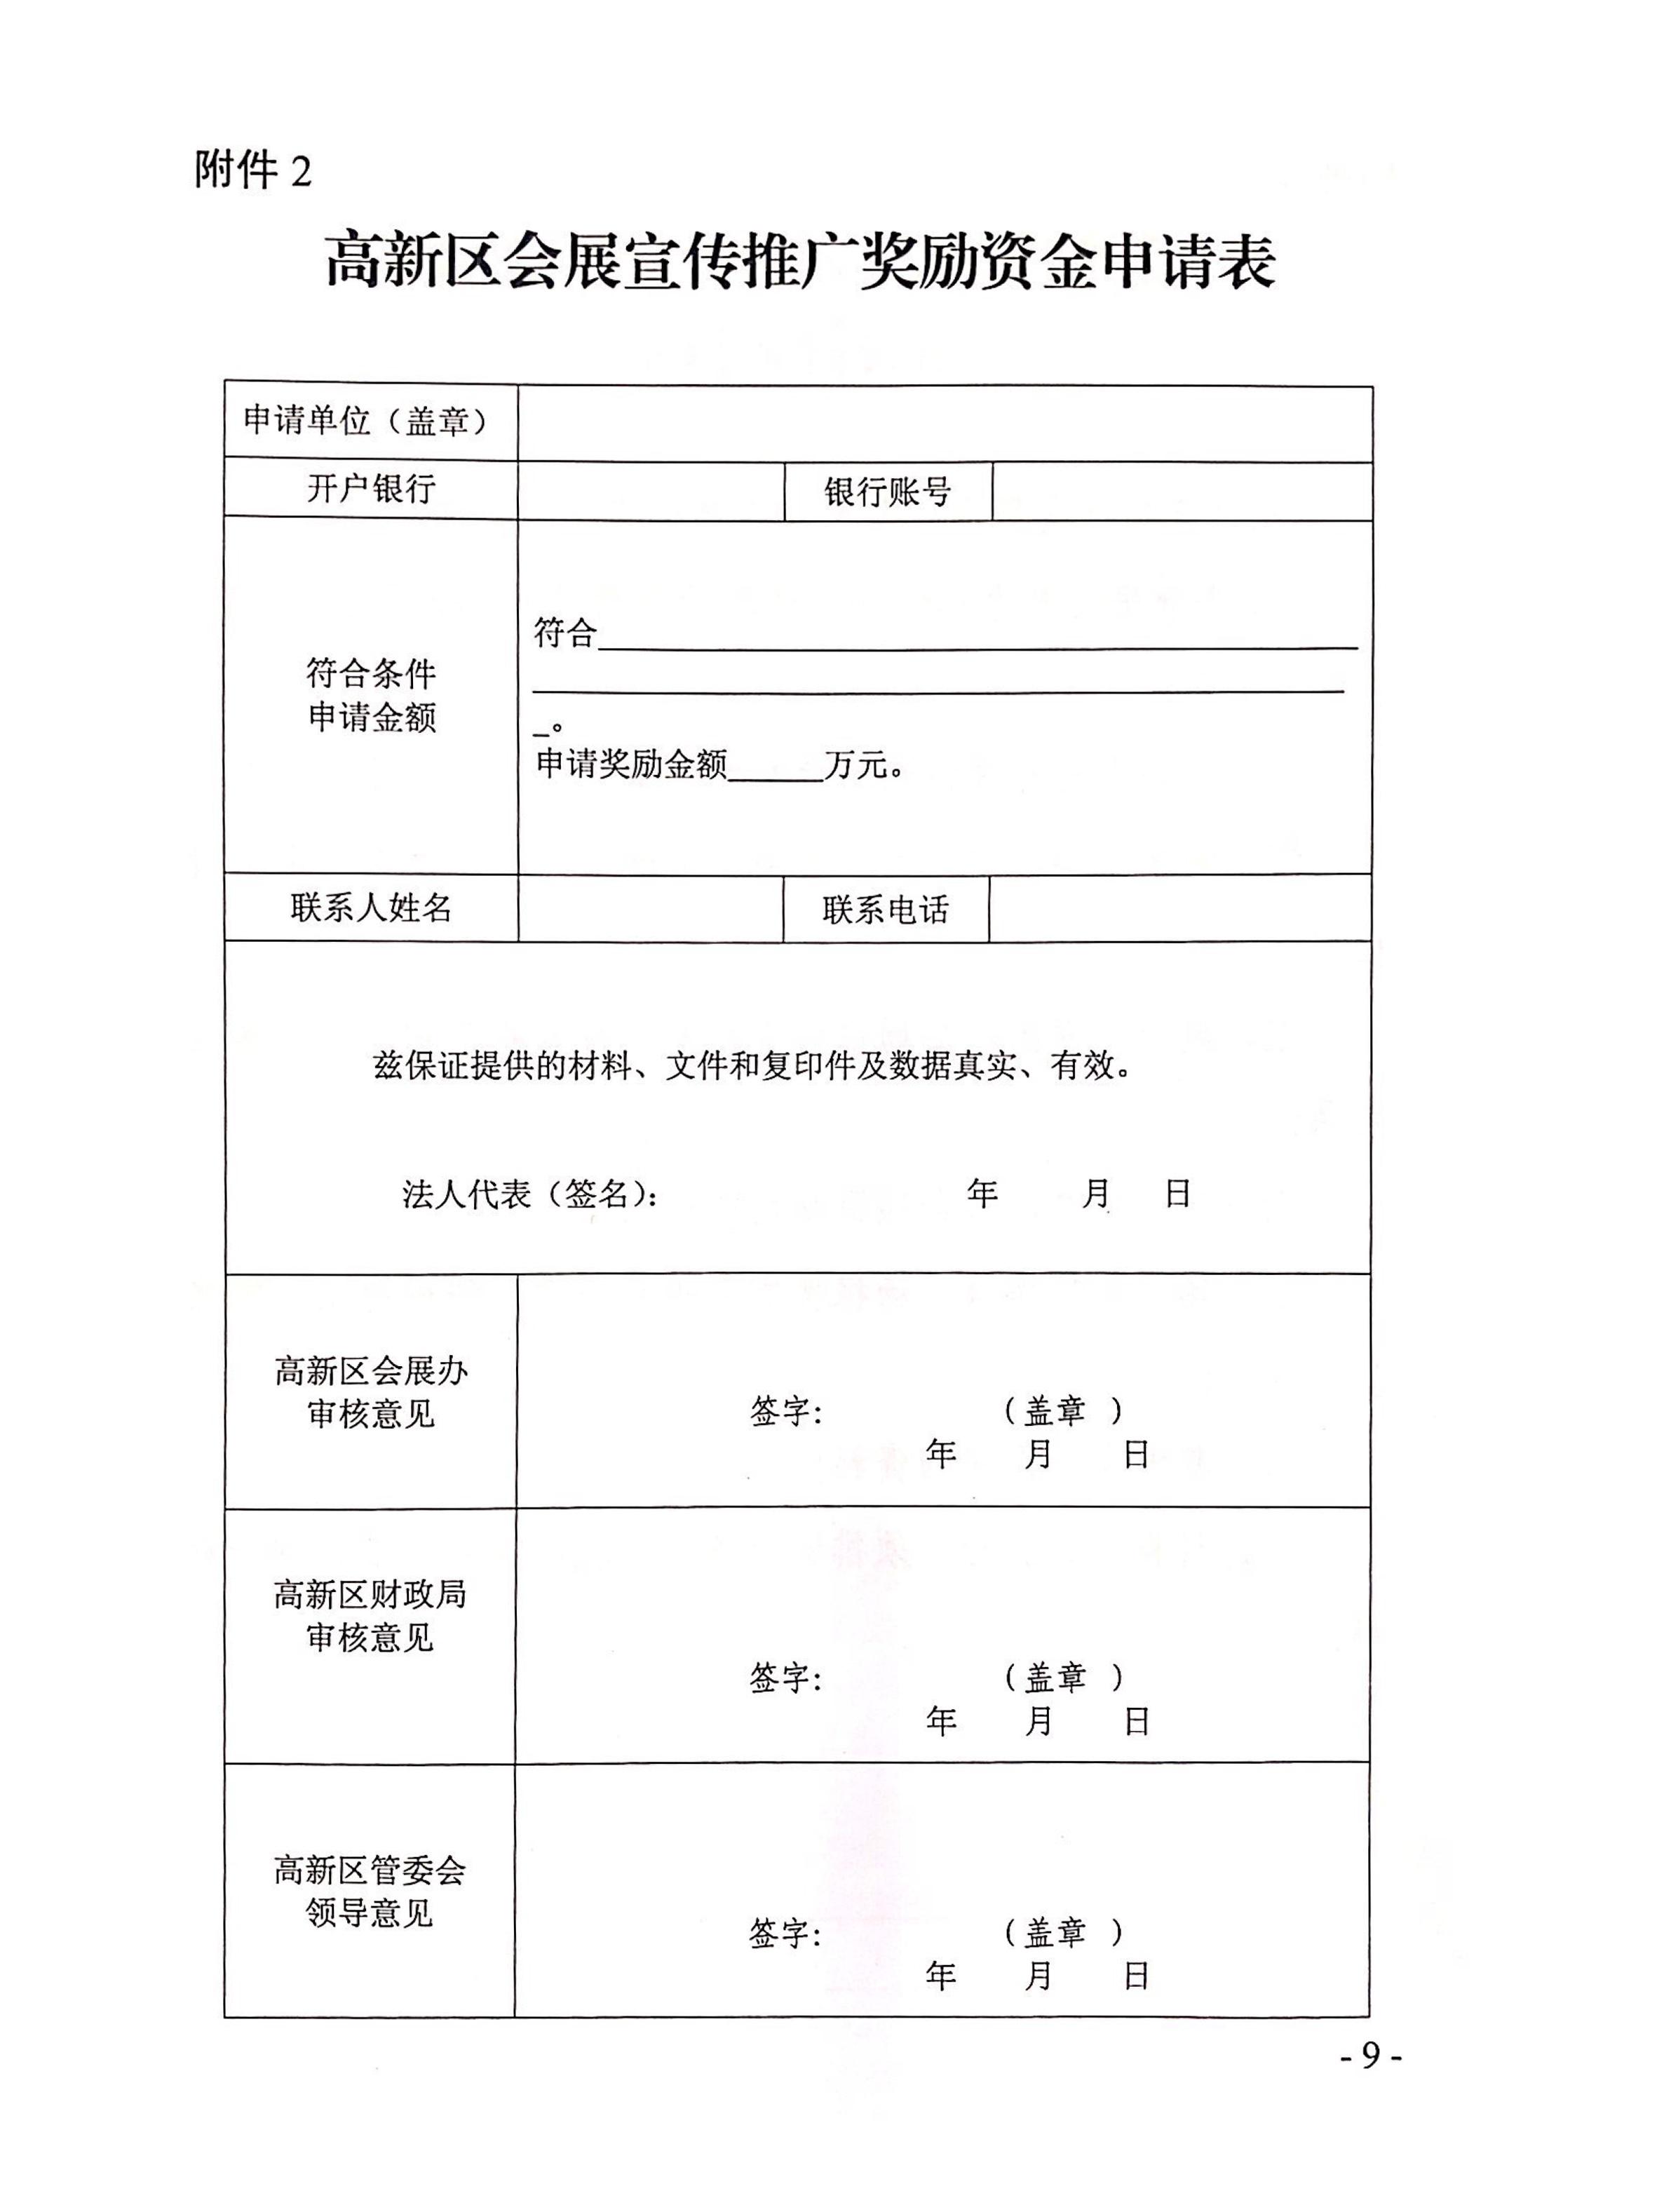 高新区会展宣传推广奖励资金申请表